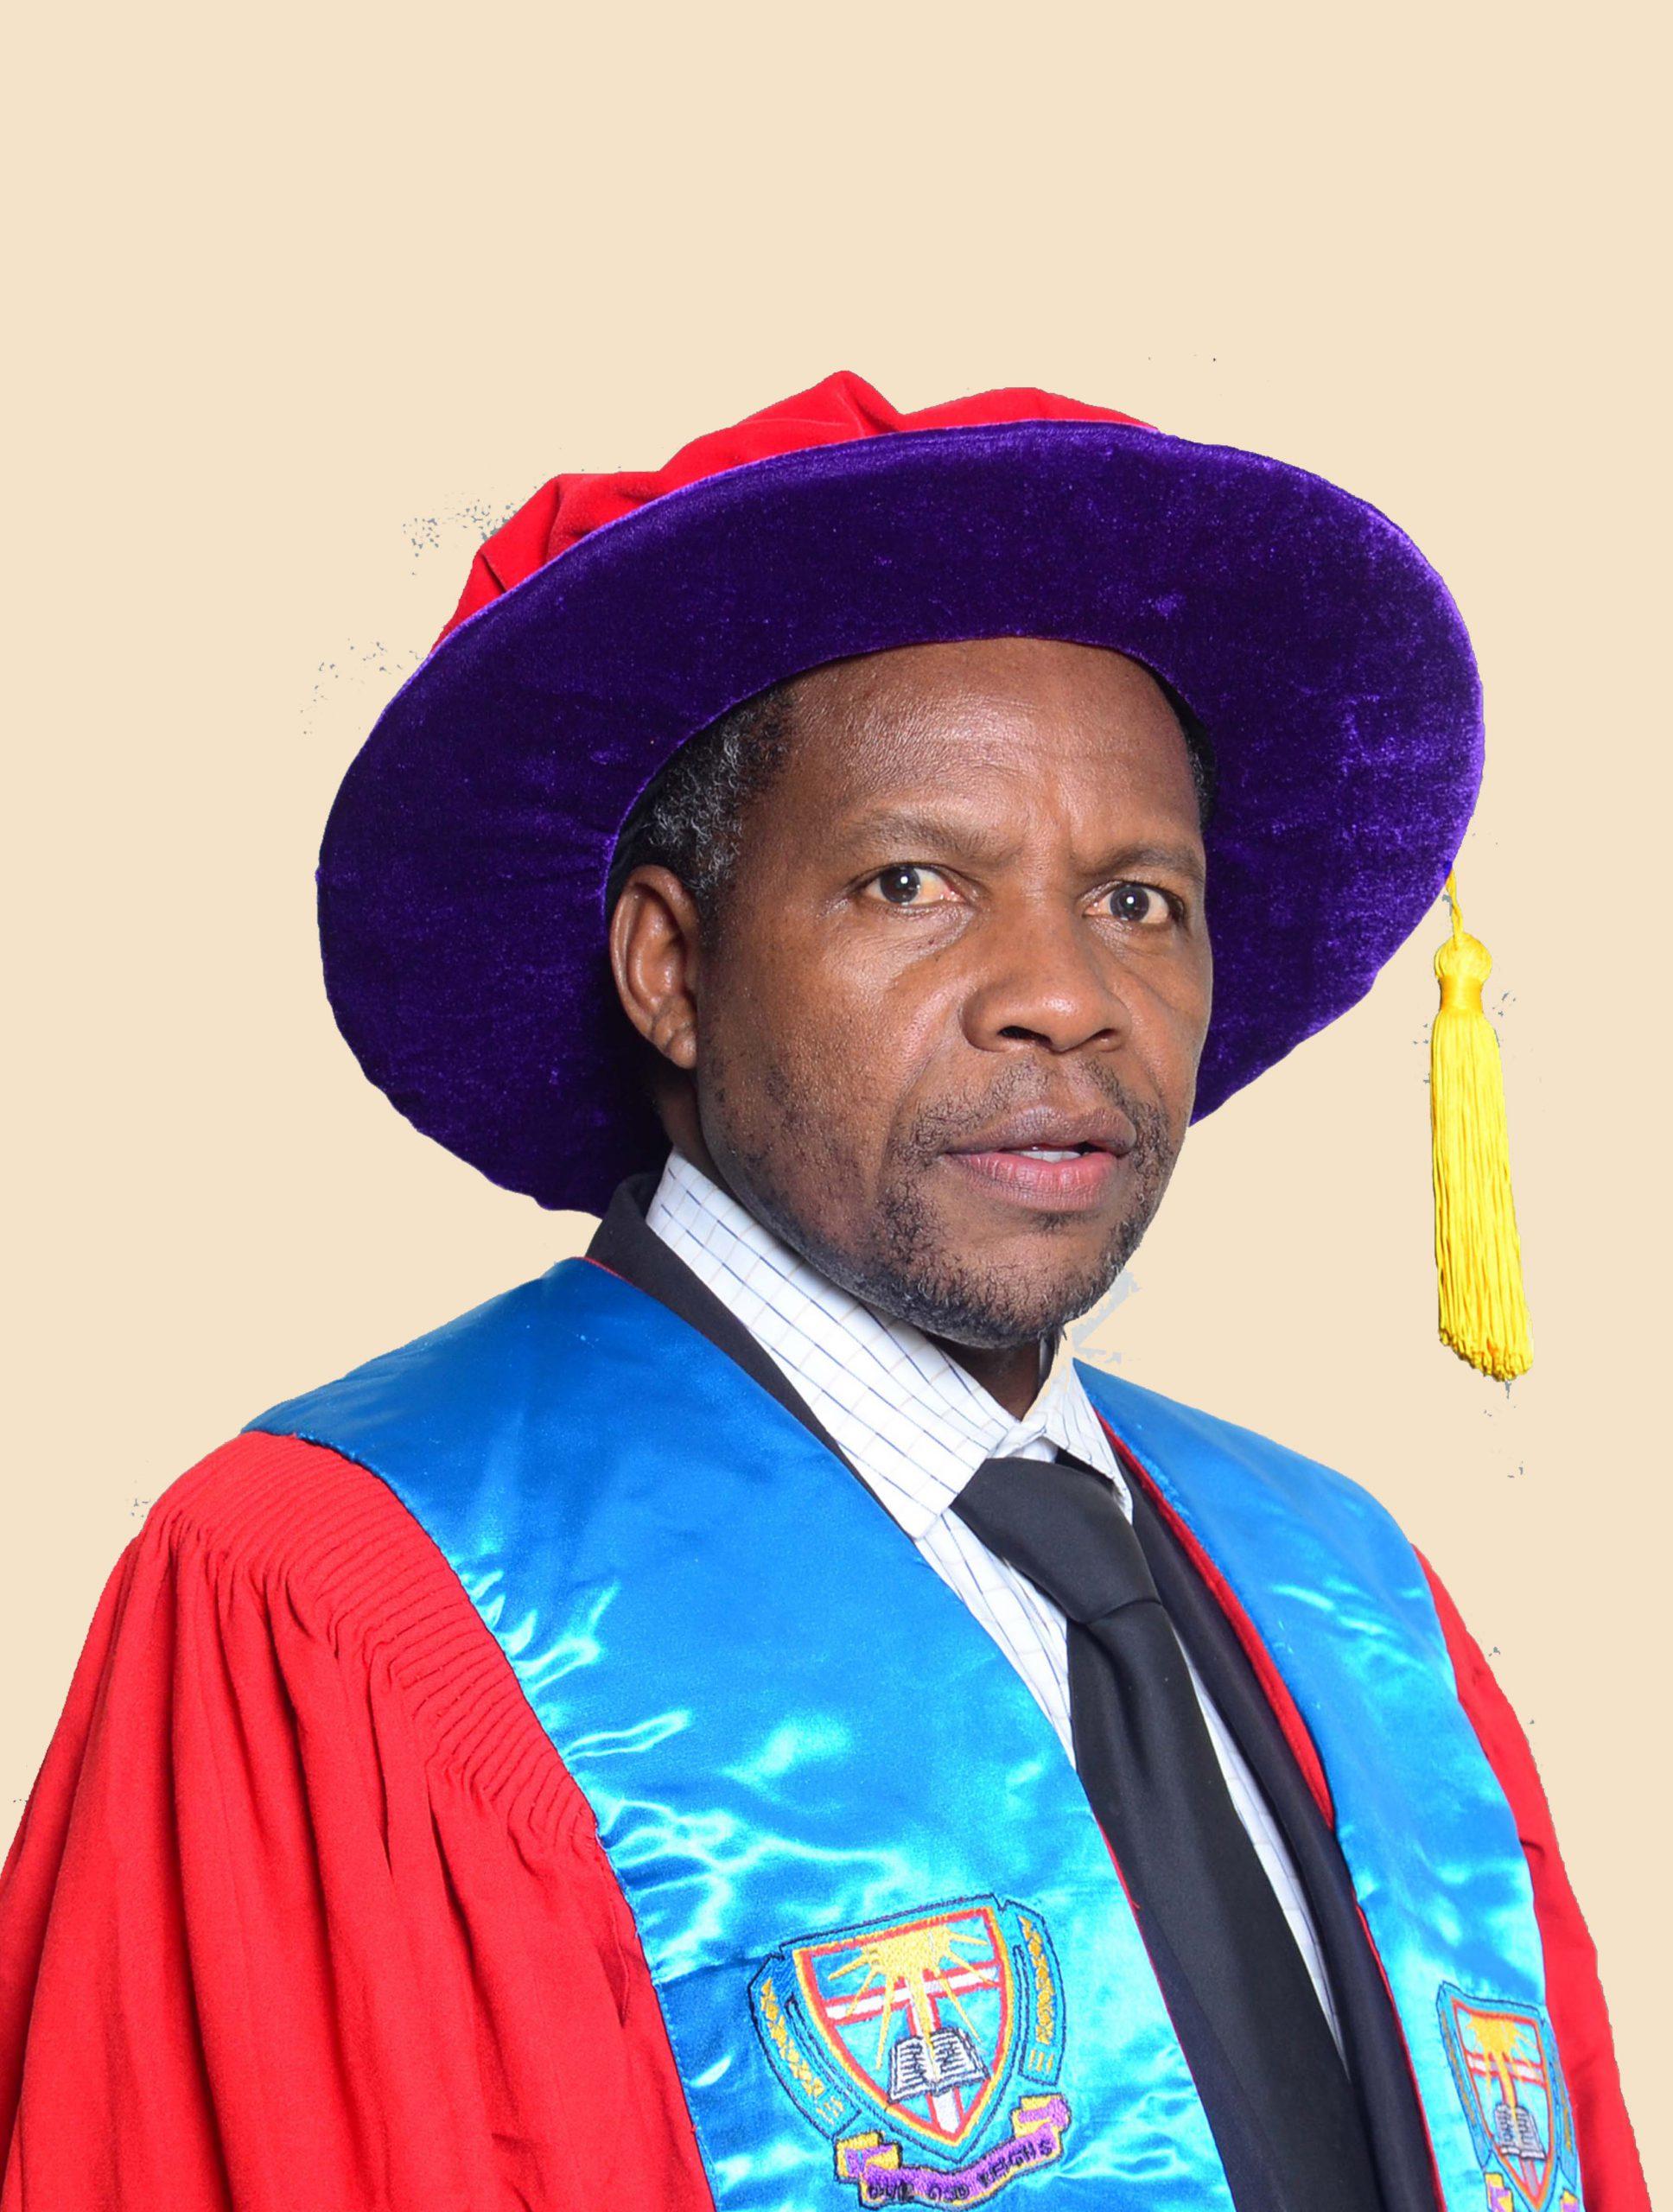 Mr. Aruho Abdon Rutega